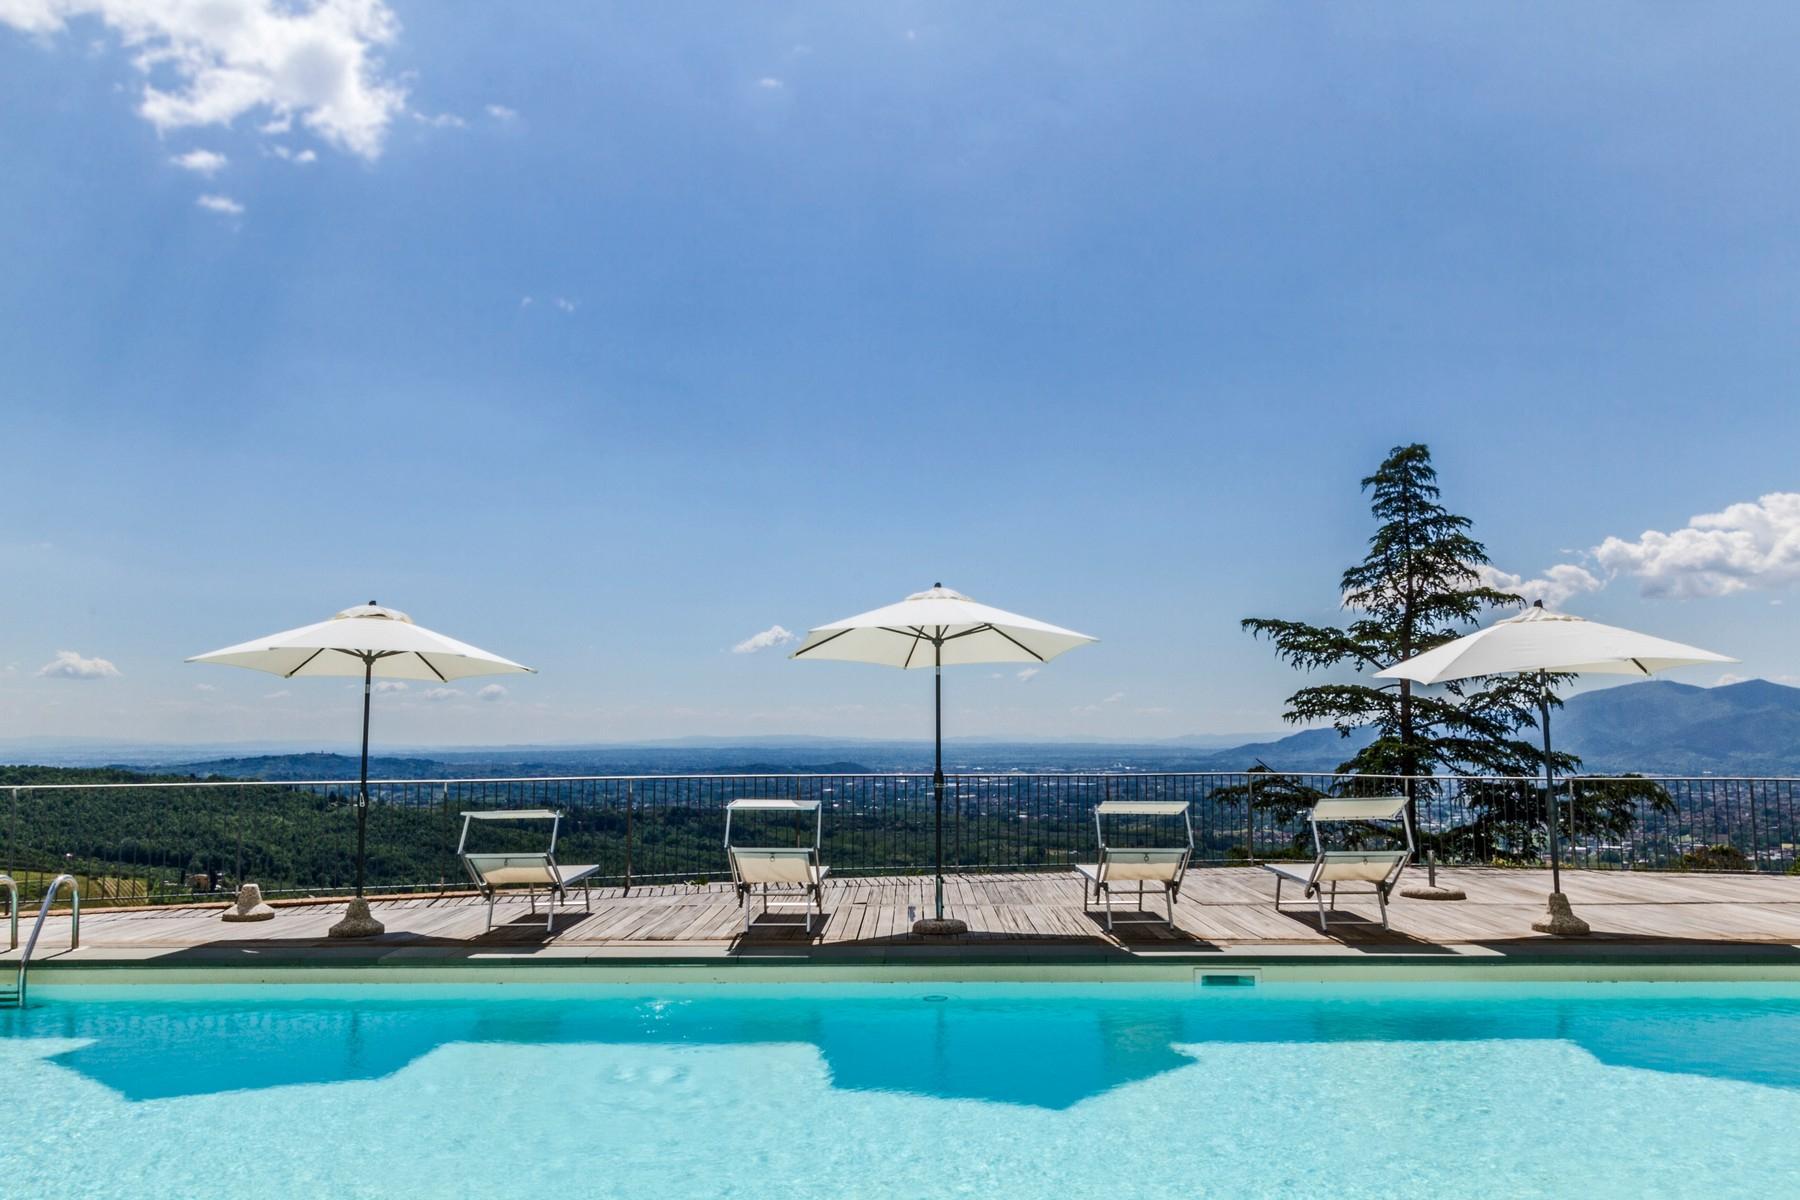 Appartement de luxe dans une villa historique sur les collines de Lucca - 15